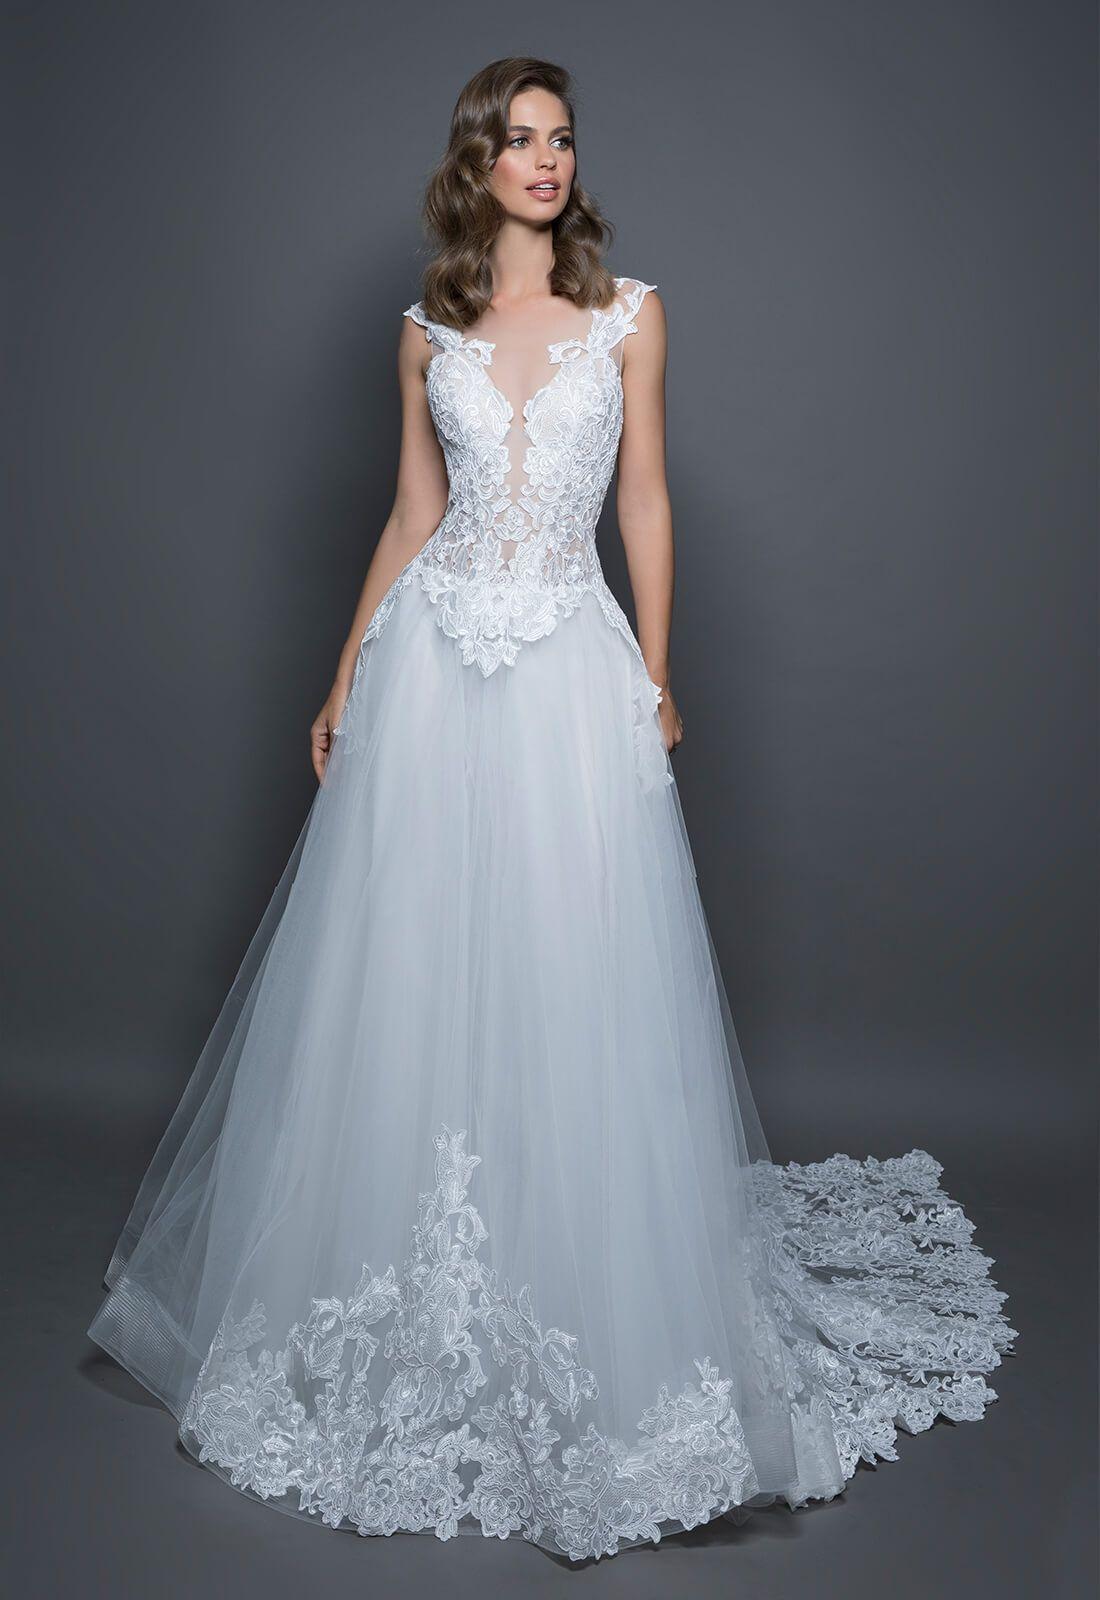 Awesome Vestidos Novias Originales Ideas - Wedding Ideas - memiocall.com